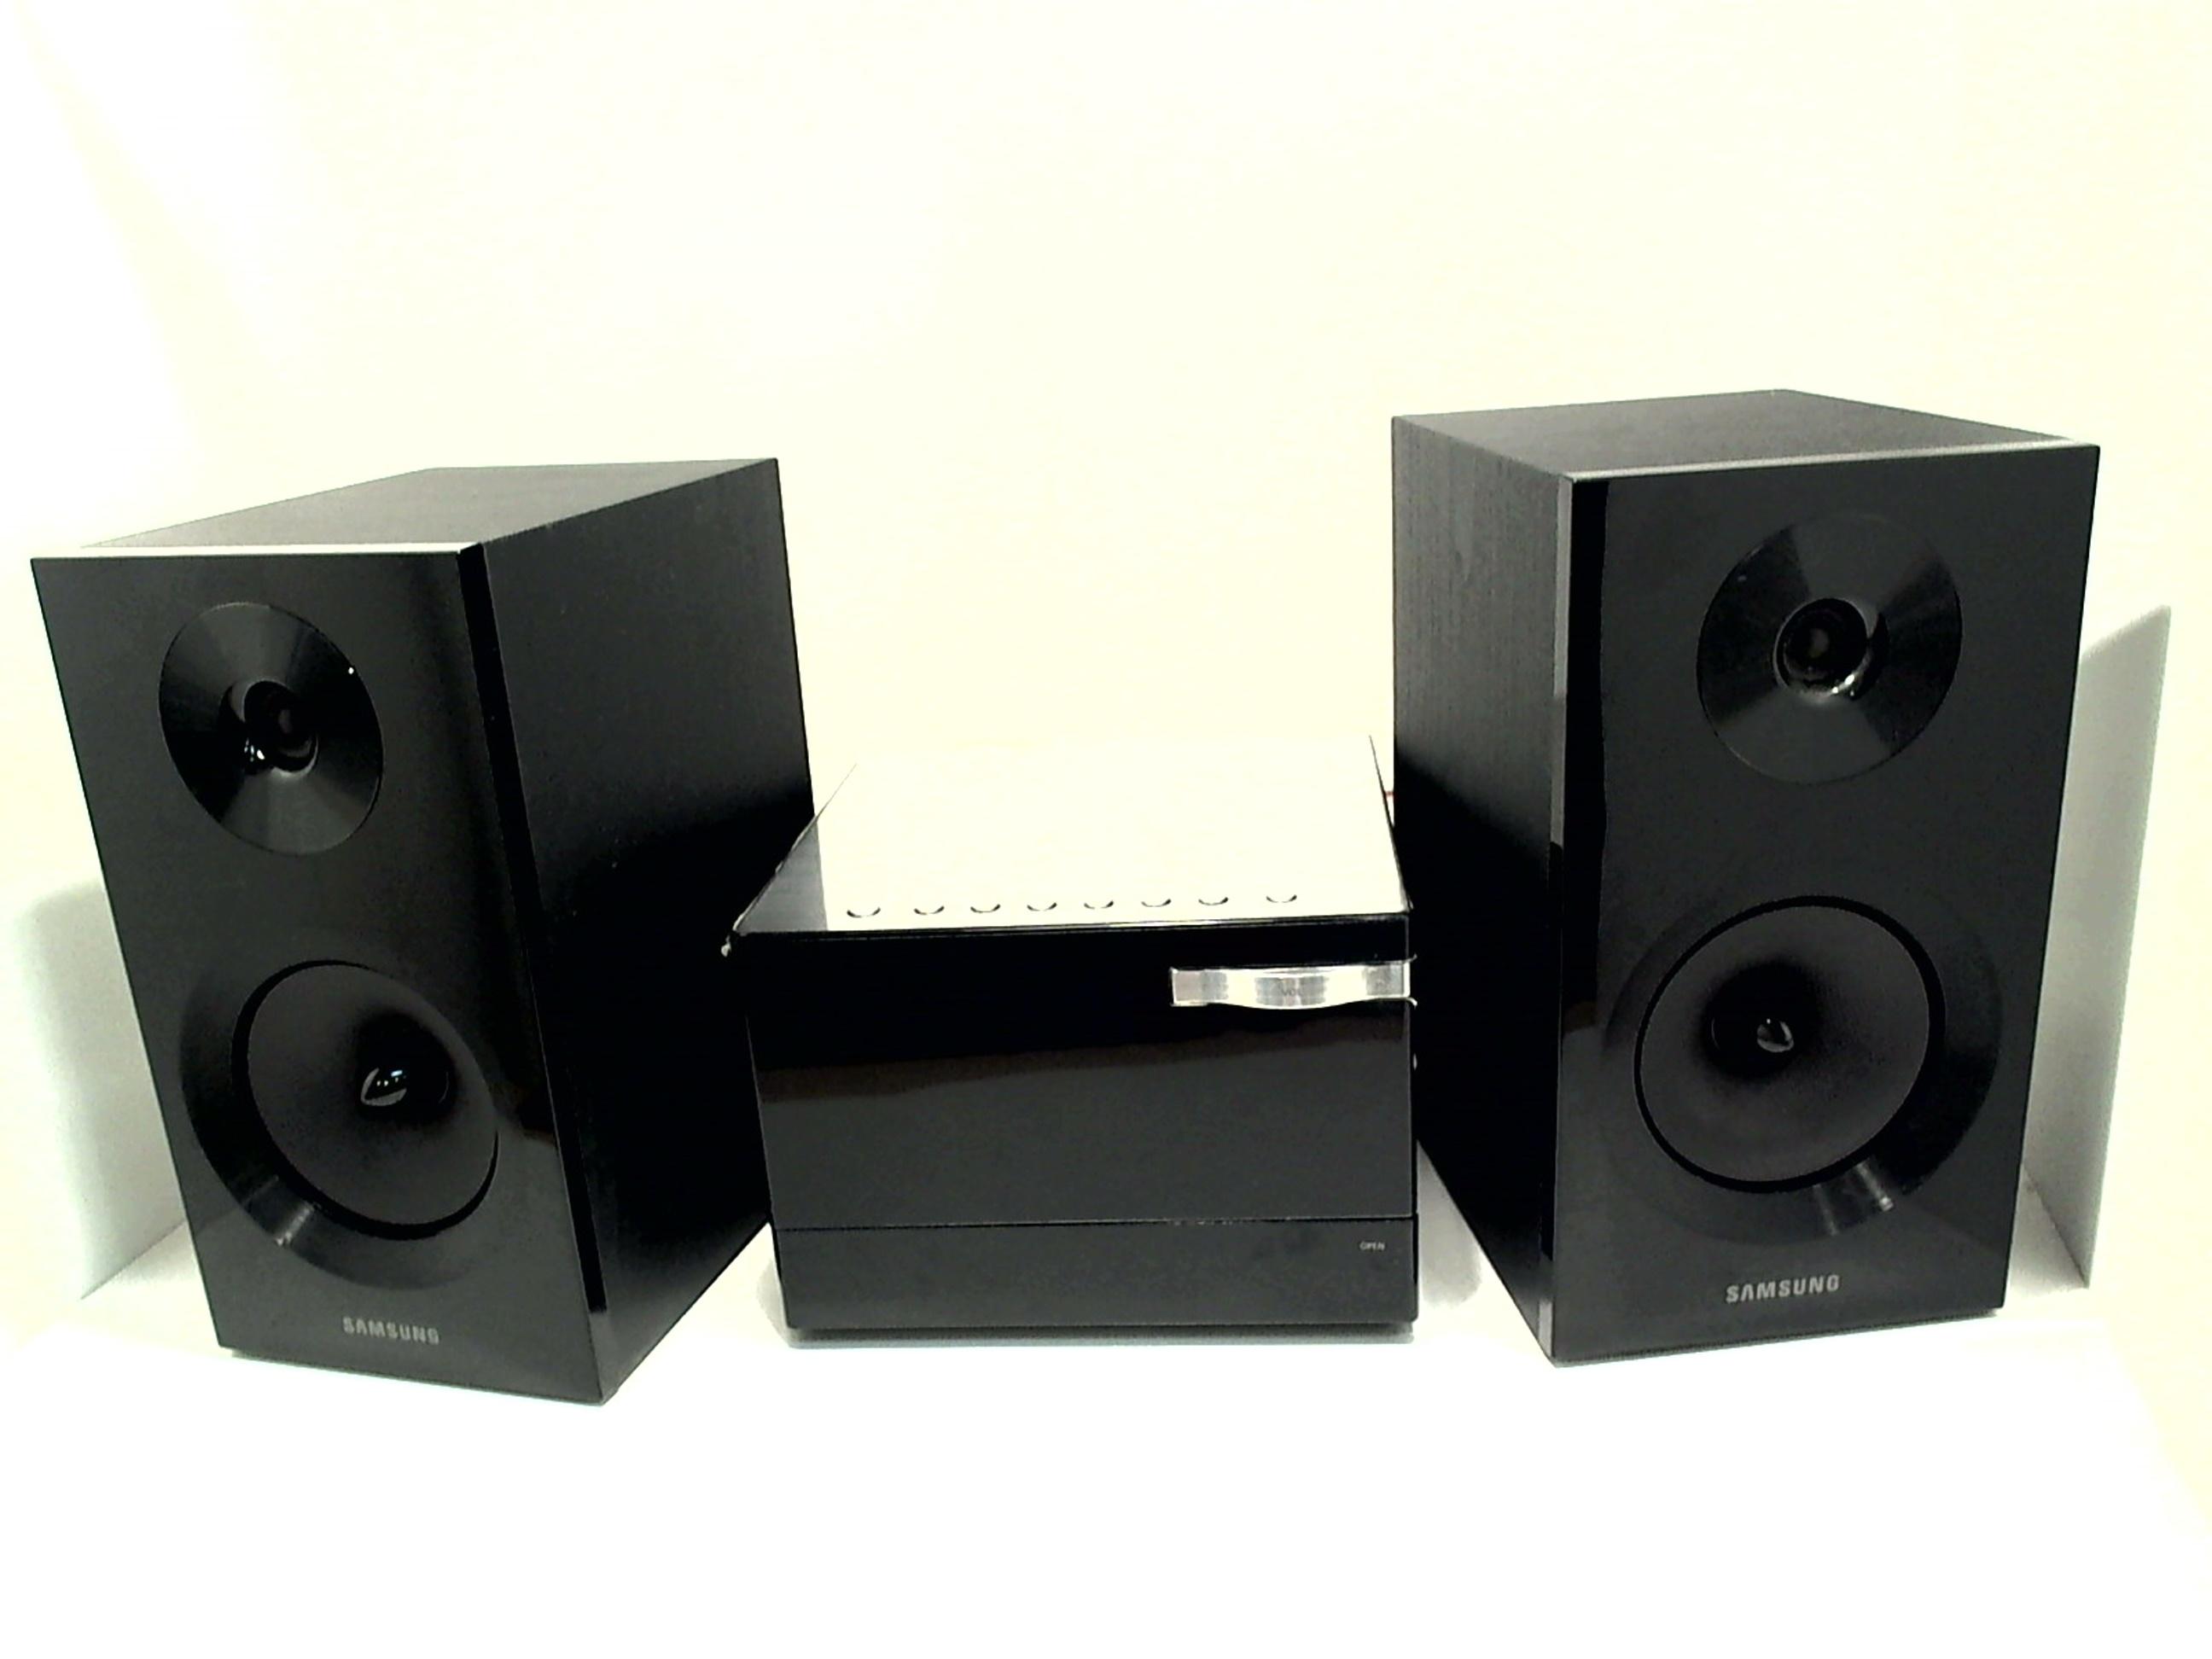 samsung mm e330d schwarz stereoanlage dvd receiver mp3 inkl 2x lautsprecher gebraucht hifi. Black Bedroom Furniture Sets. Home Design Ideas